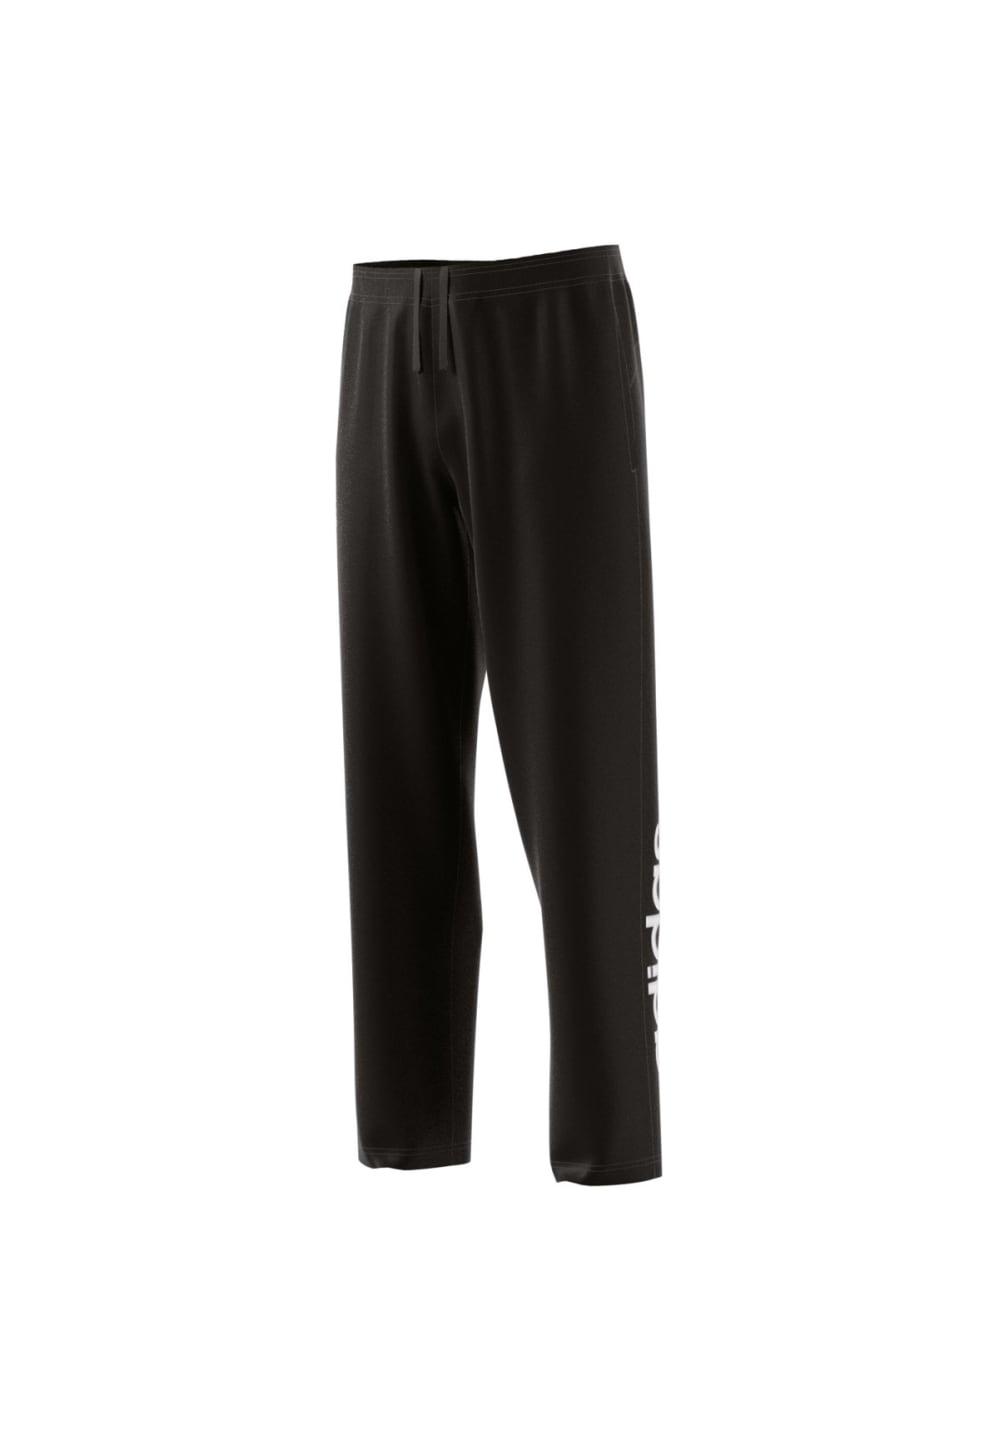 adidas Essentials Linear Stanford Pant - Fitnesshosen für Herren - Schwarz